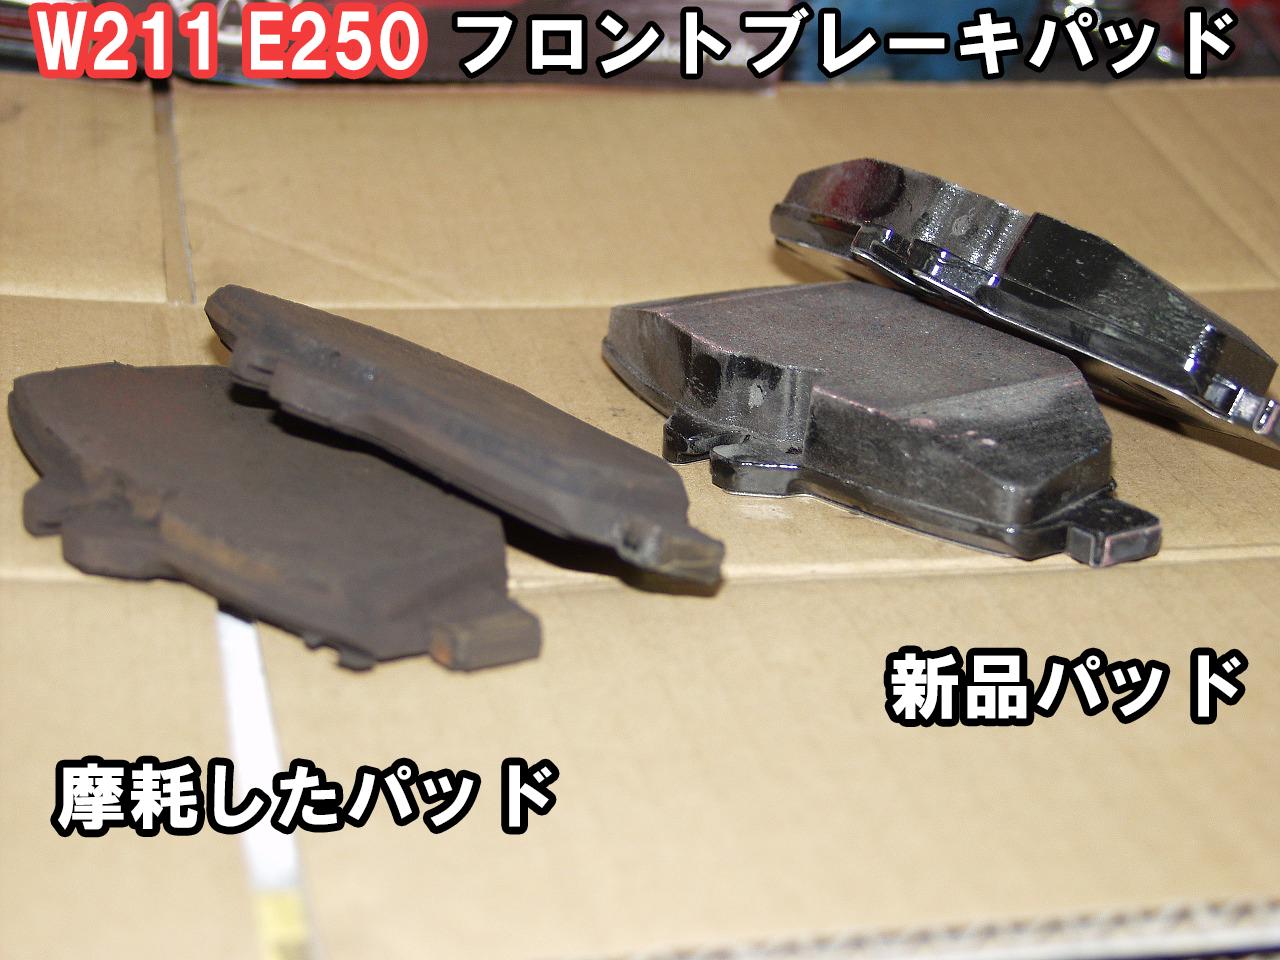 W211E250のフロントブレーキパッド新旧比較です。